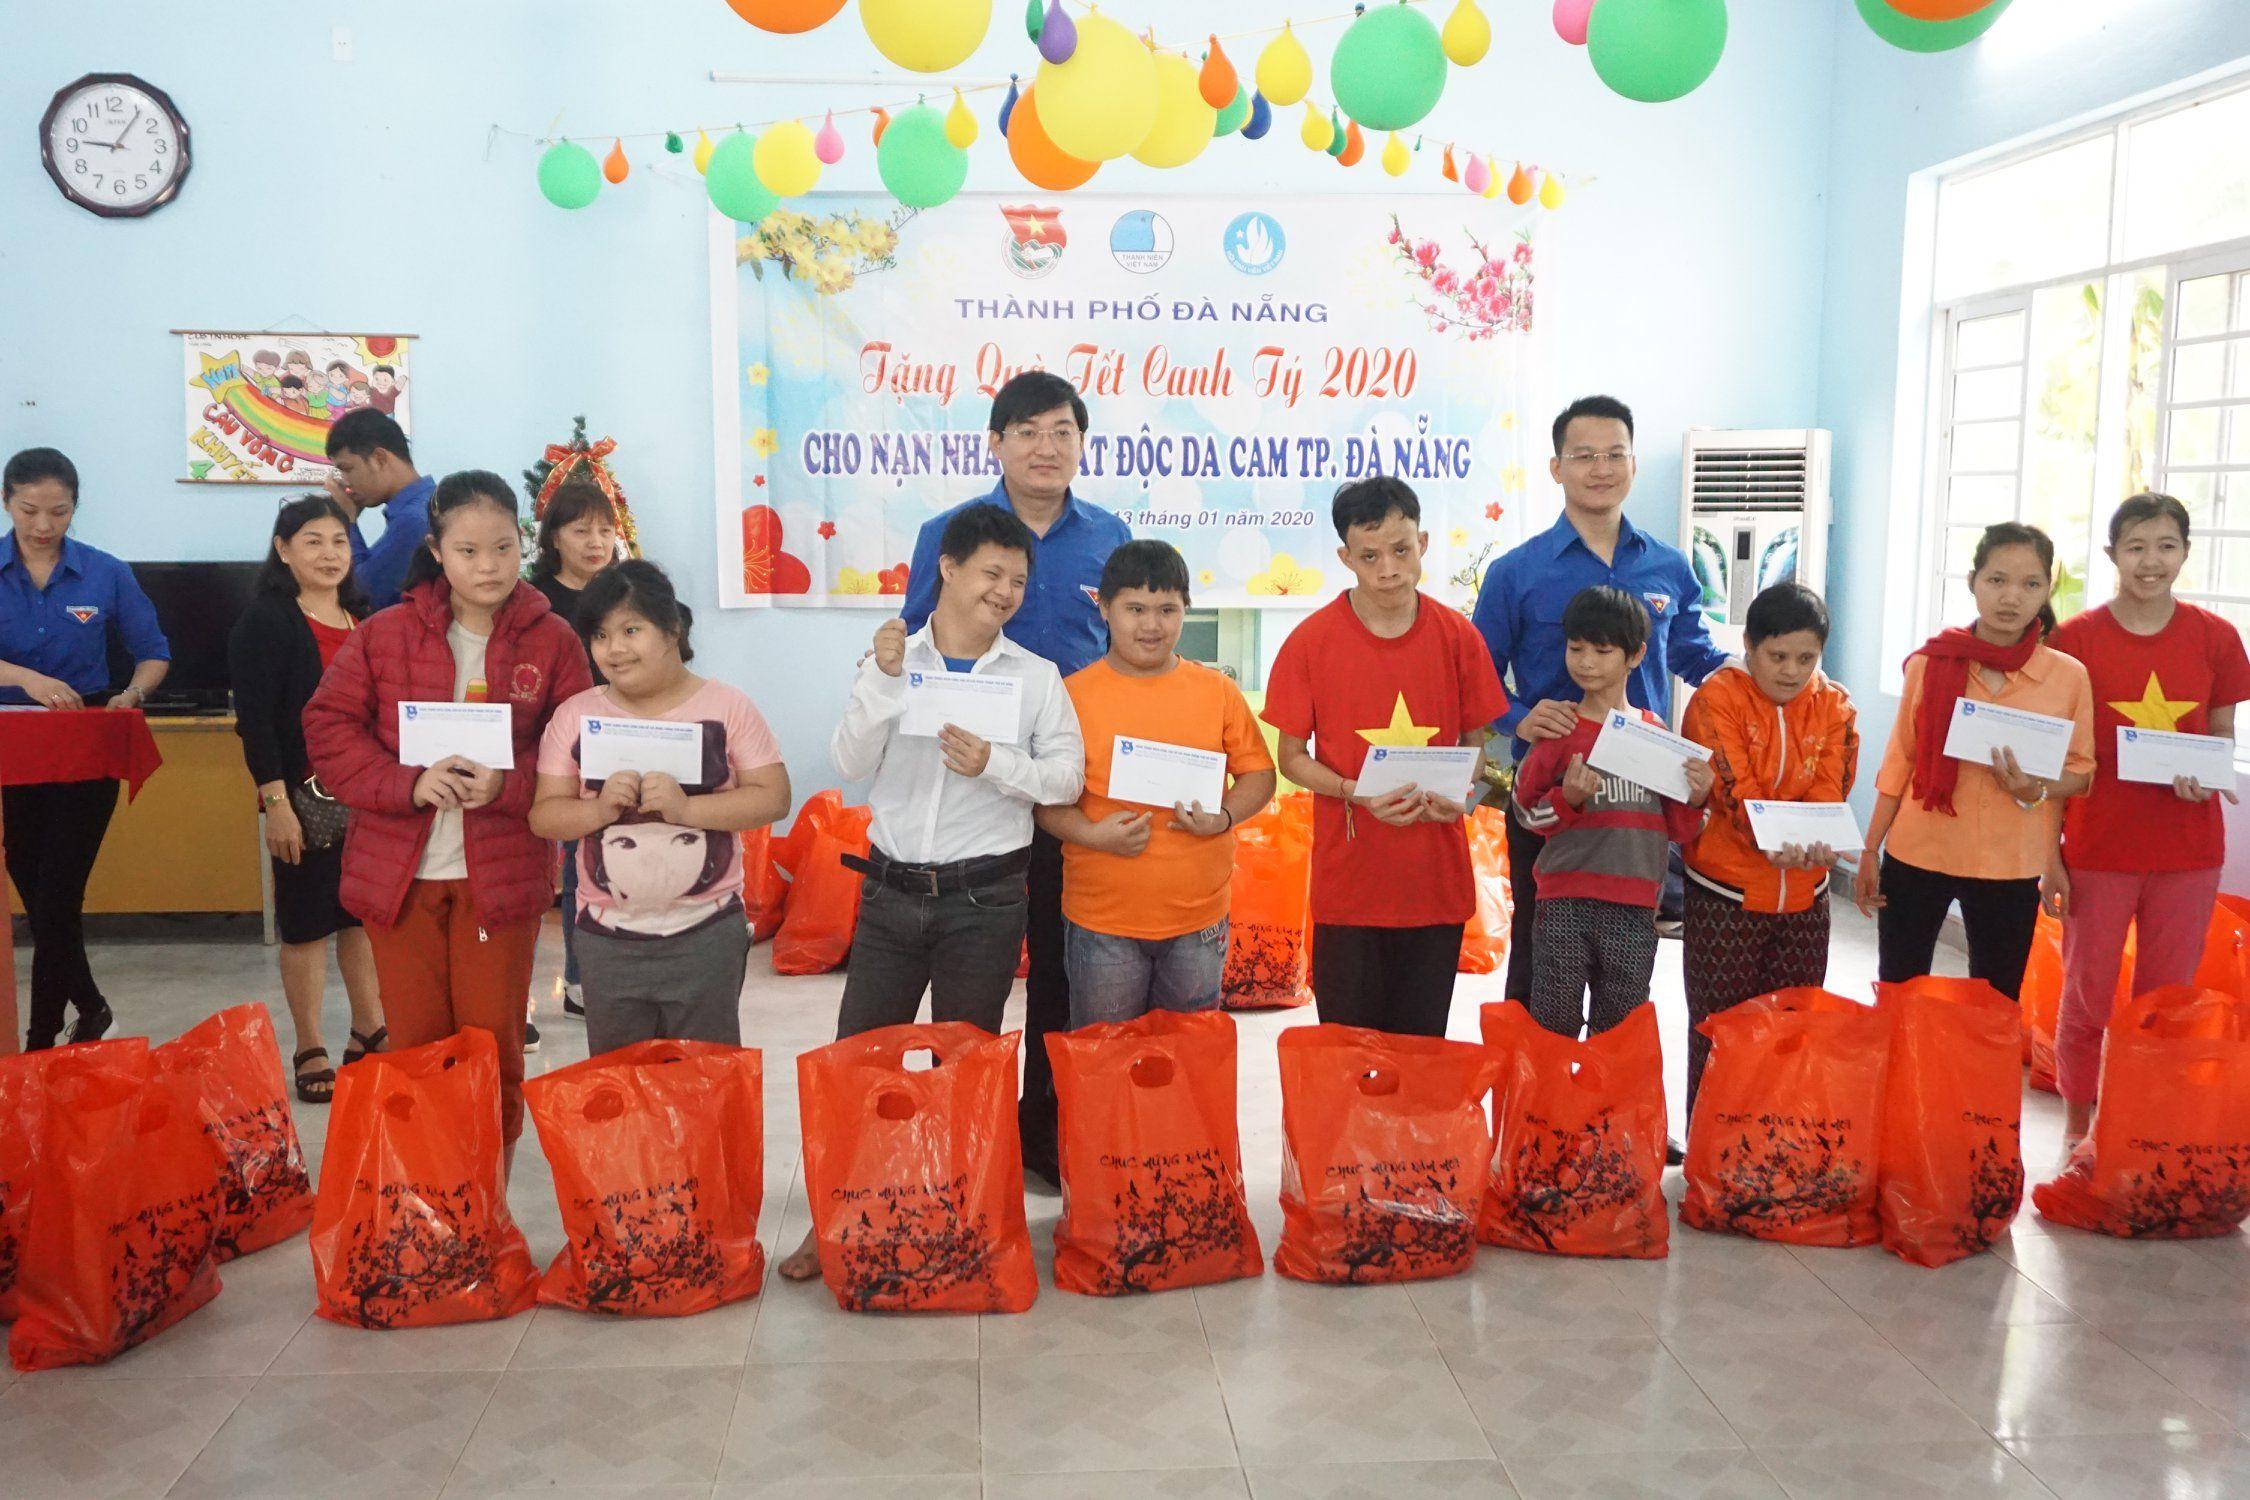 Tổ chức trao quà cho các nạn nhân chất độc da cam trên địa bàn thành phố Đà Nẵng